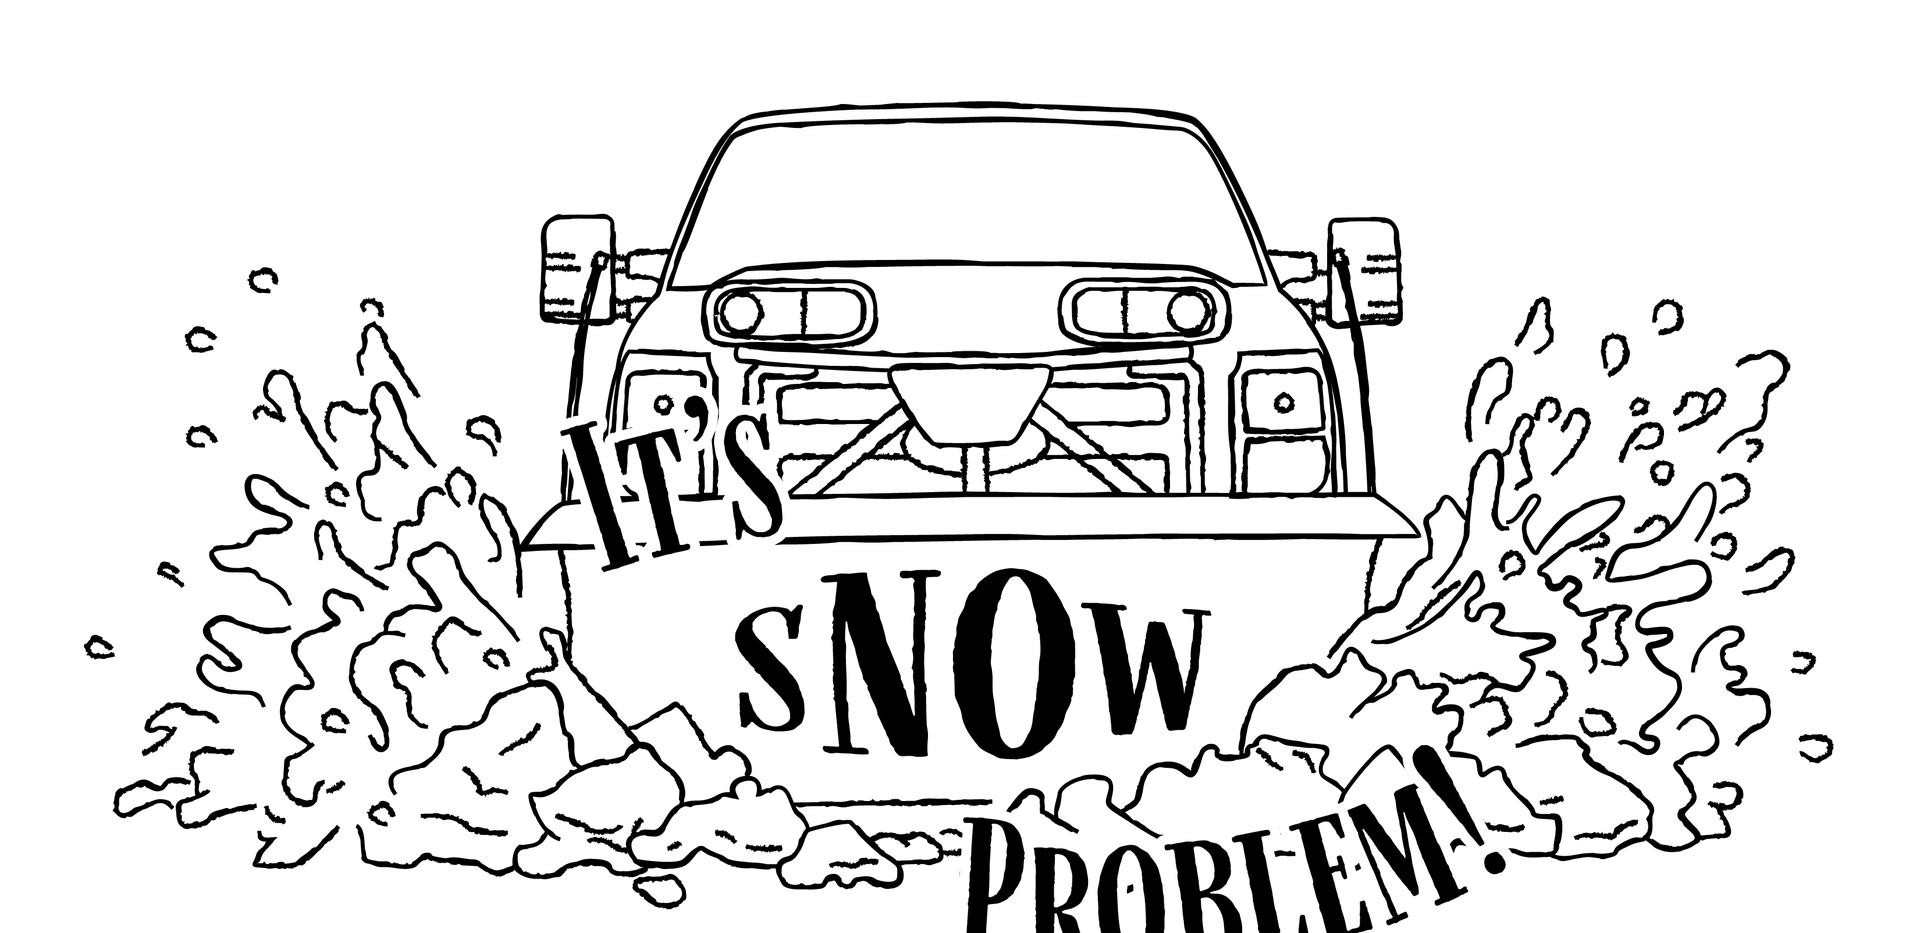 Its Snow Problem